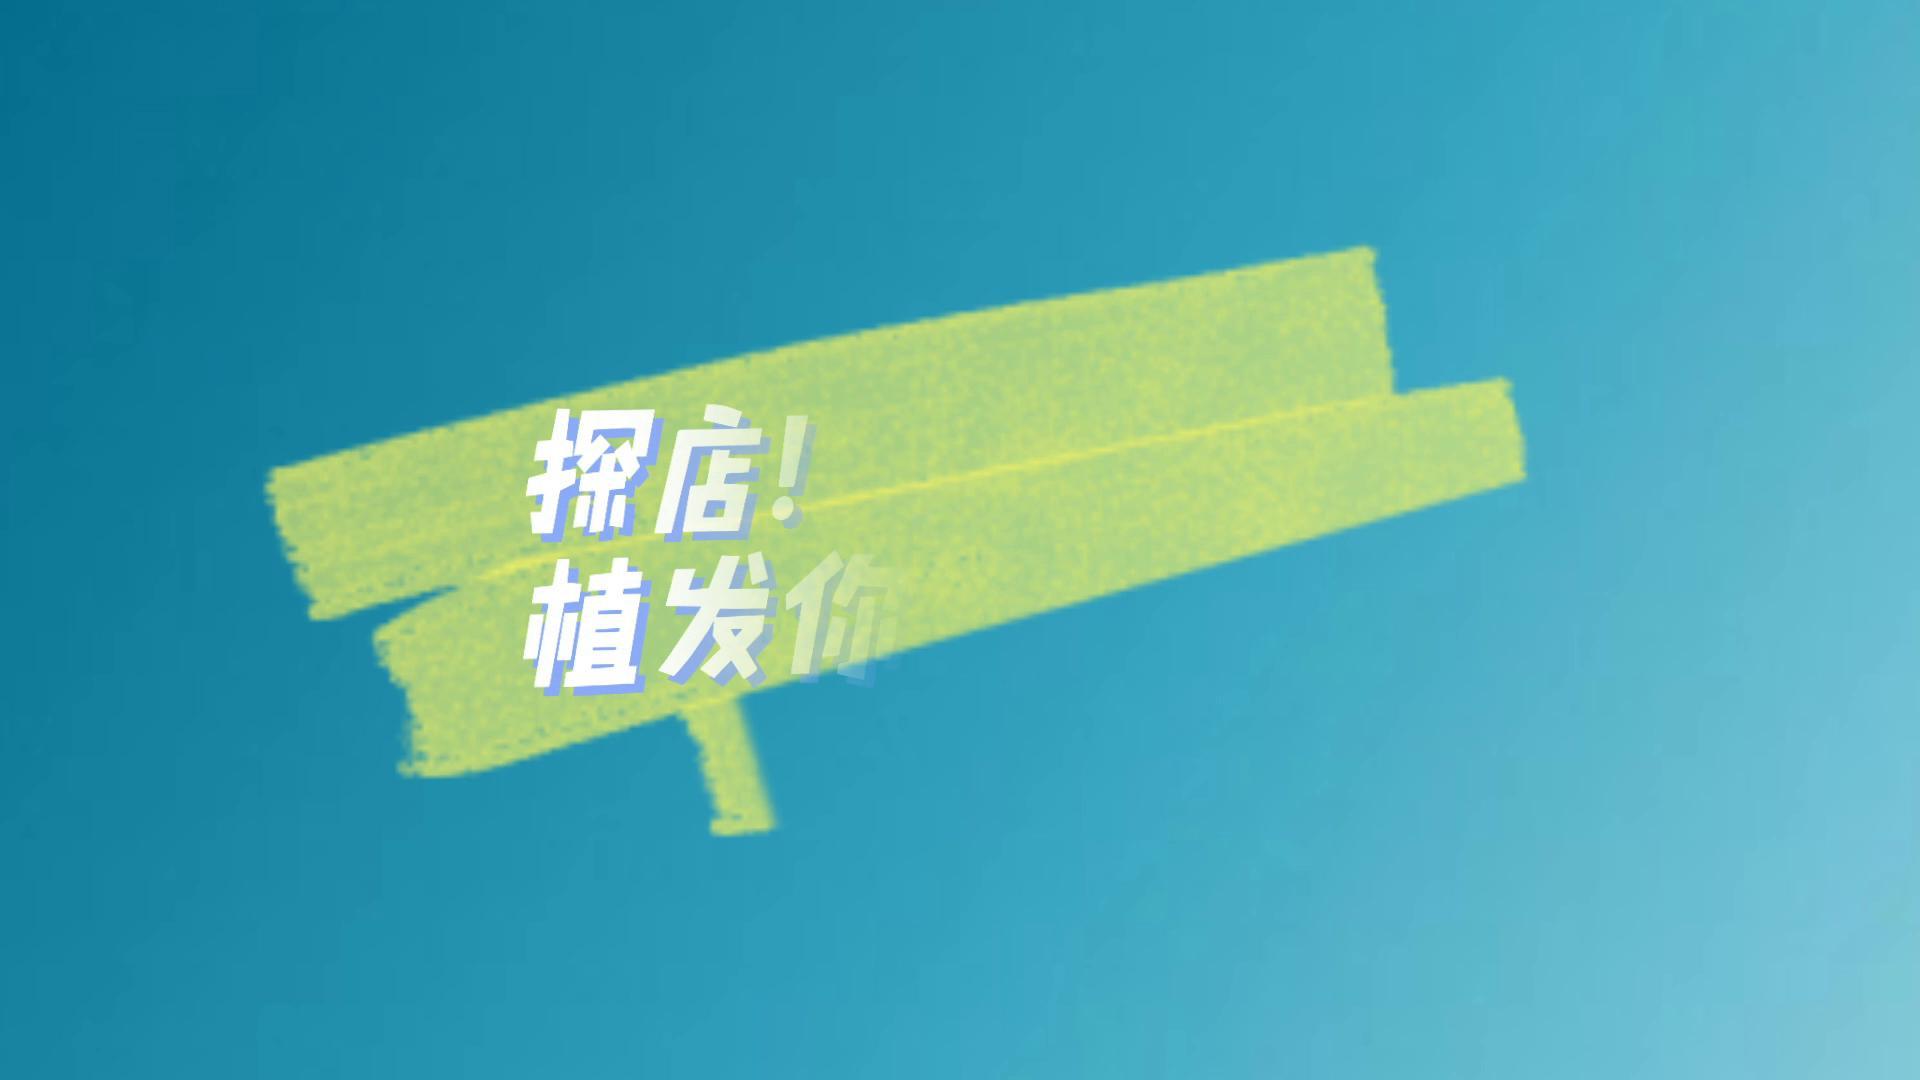 探店|冲击植发第一股的雍禾医疗店内长这个样子